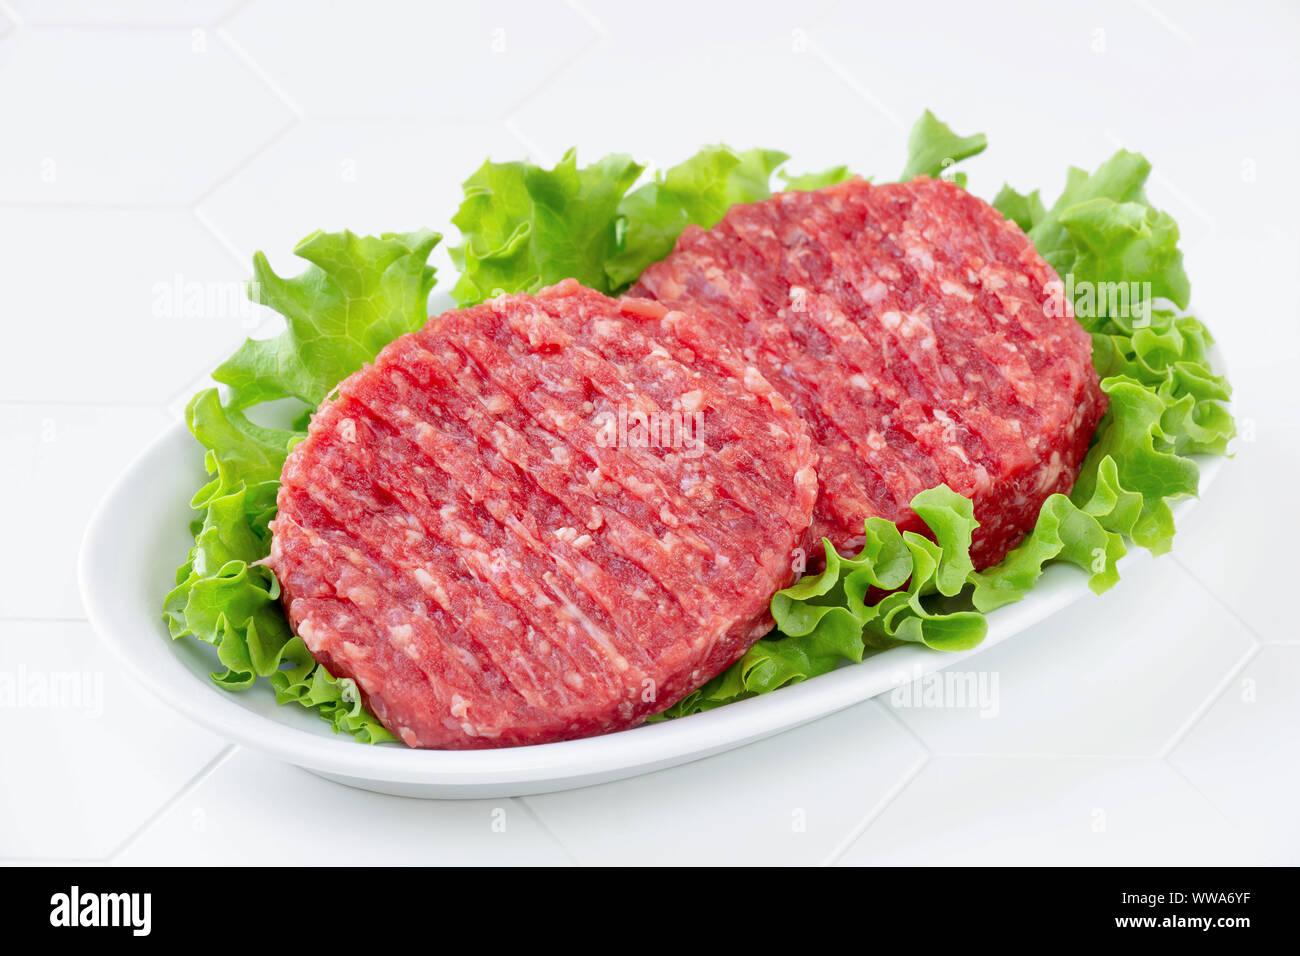 Rohes Fleisch Rindfleisch Burger auf einem weißen Teller Hackfleisch Stockfoto